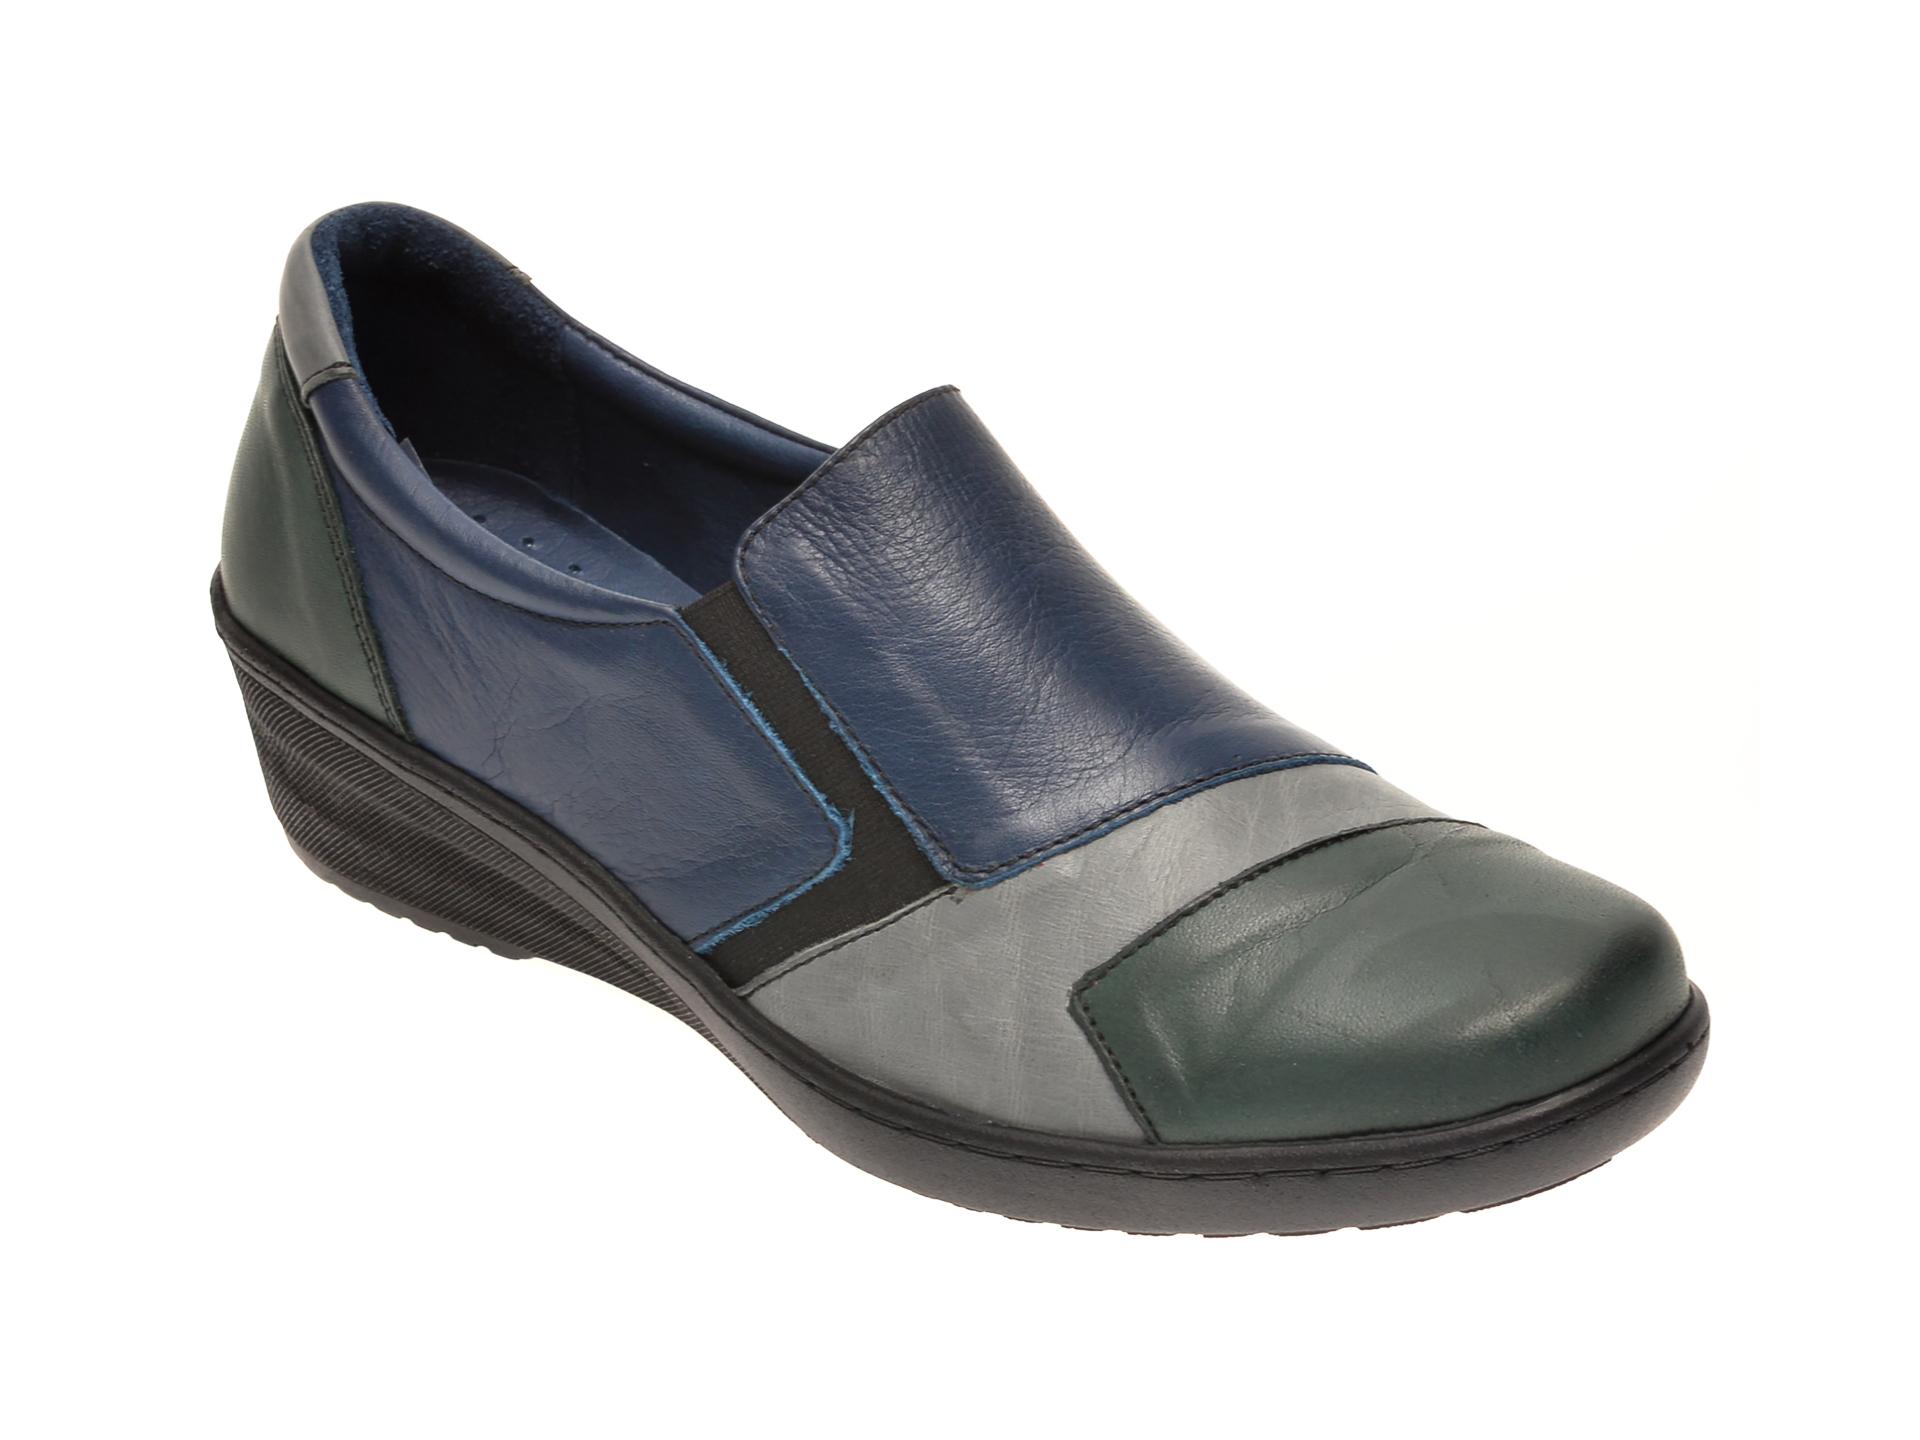 Pantofi PASS COLLECTION bleumarin, 46218, din piele naturala